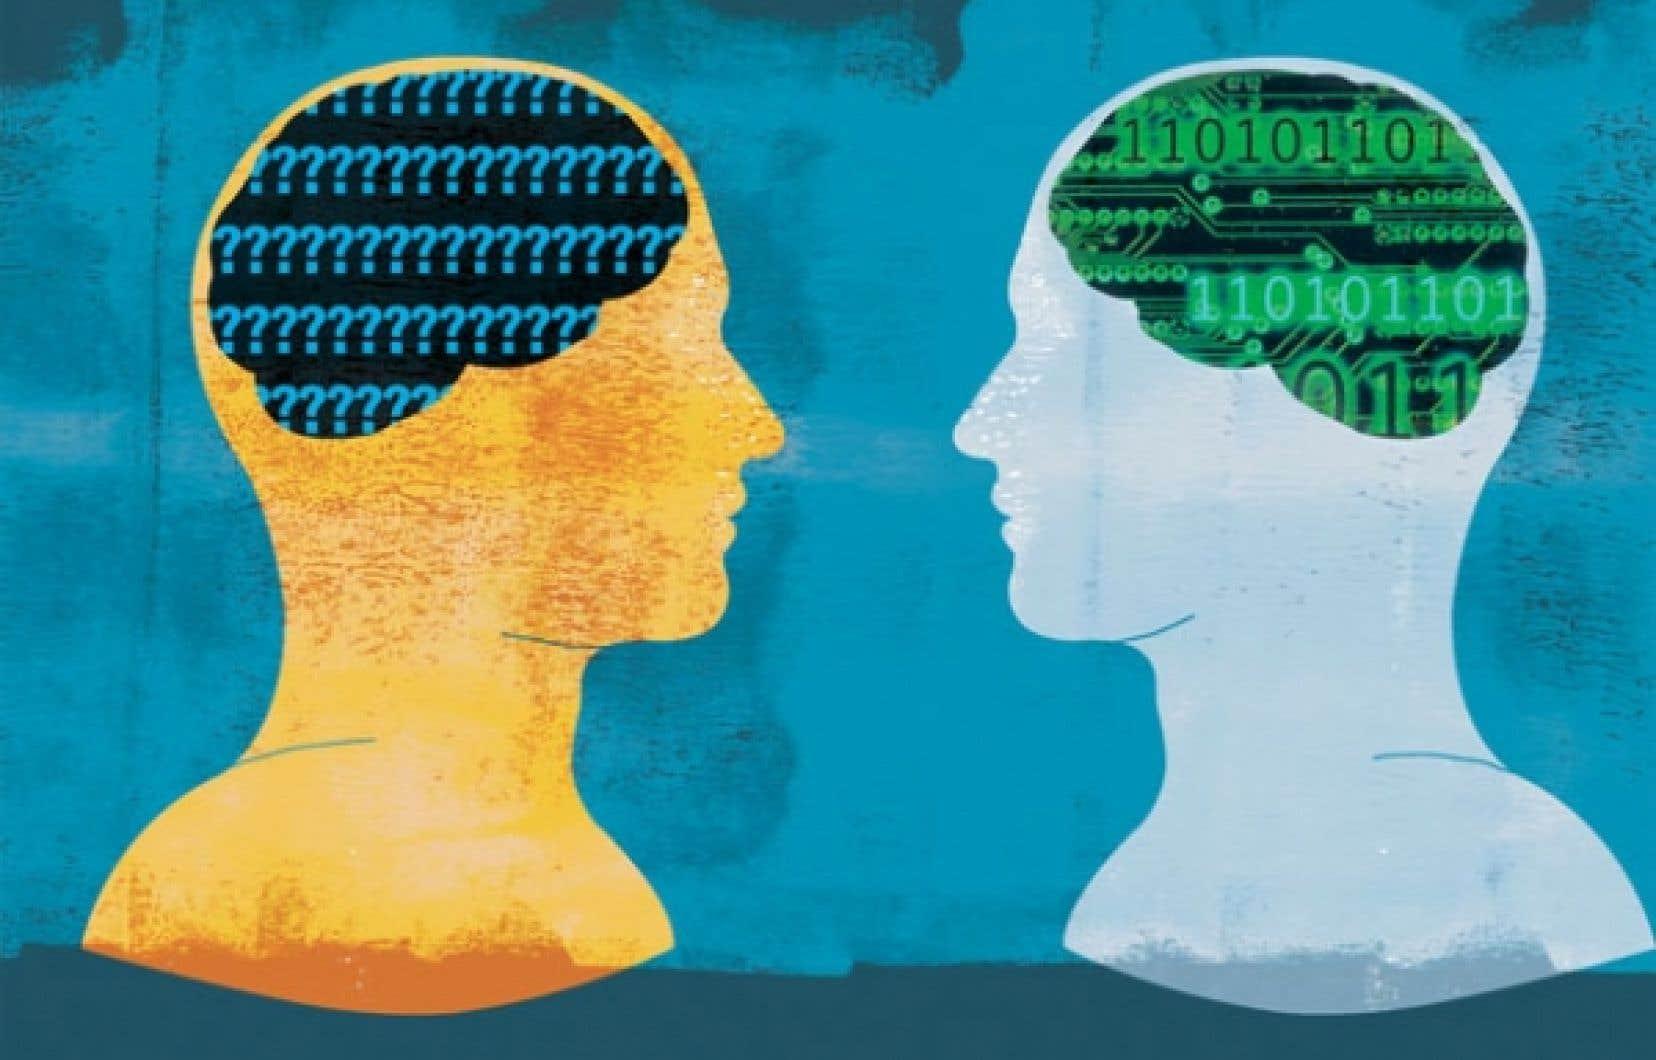 Les technologies de la communication, loin de se résumer à une révolution technique, induisent désormais une révolution sociale en redéfinissant les contours de la socialisation.